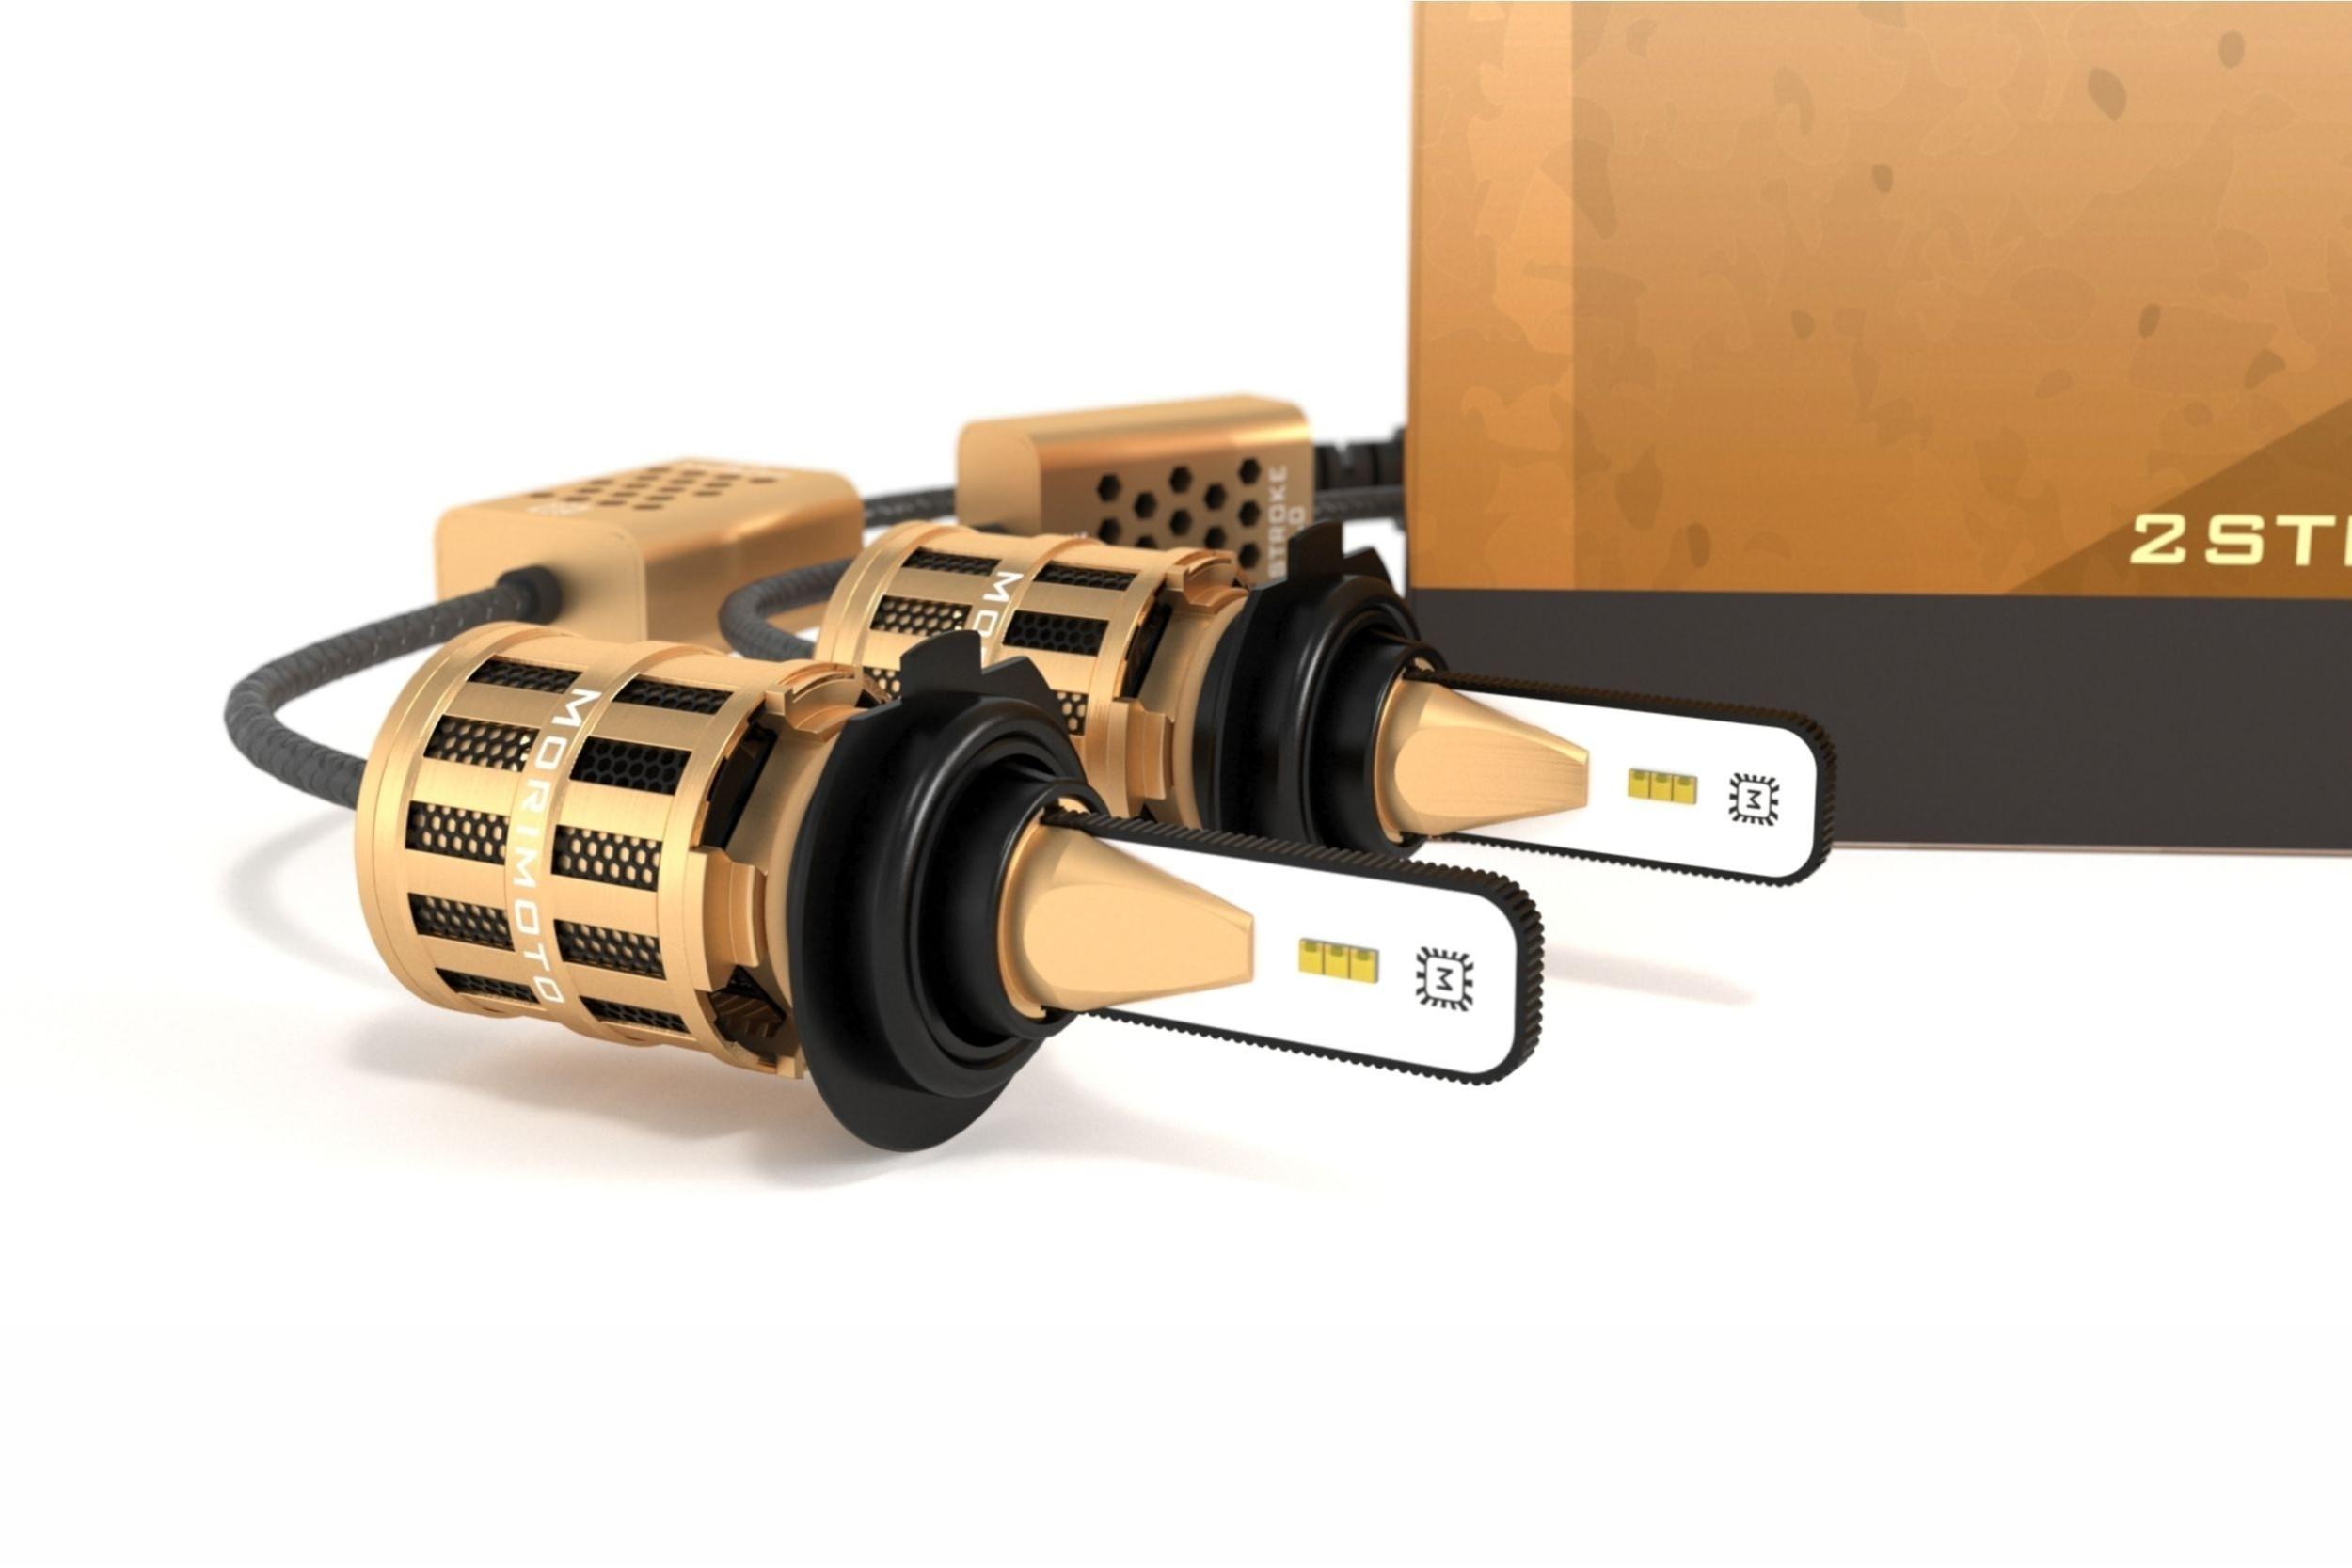 H7: Morimoto 2Stroke 2 0 LED Headlight Kit   HID Kit Pros